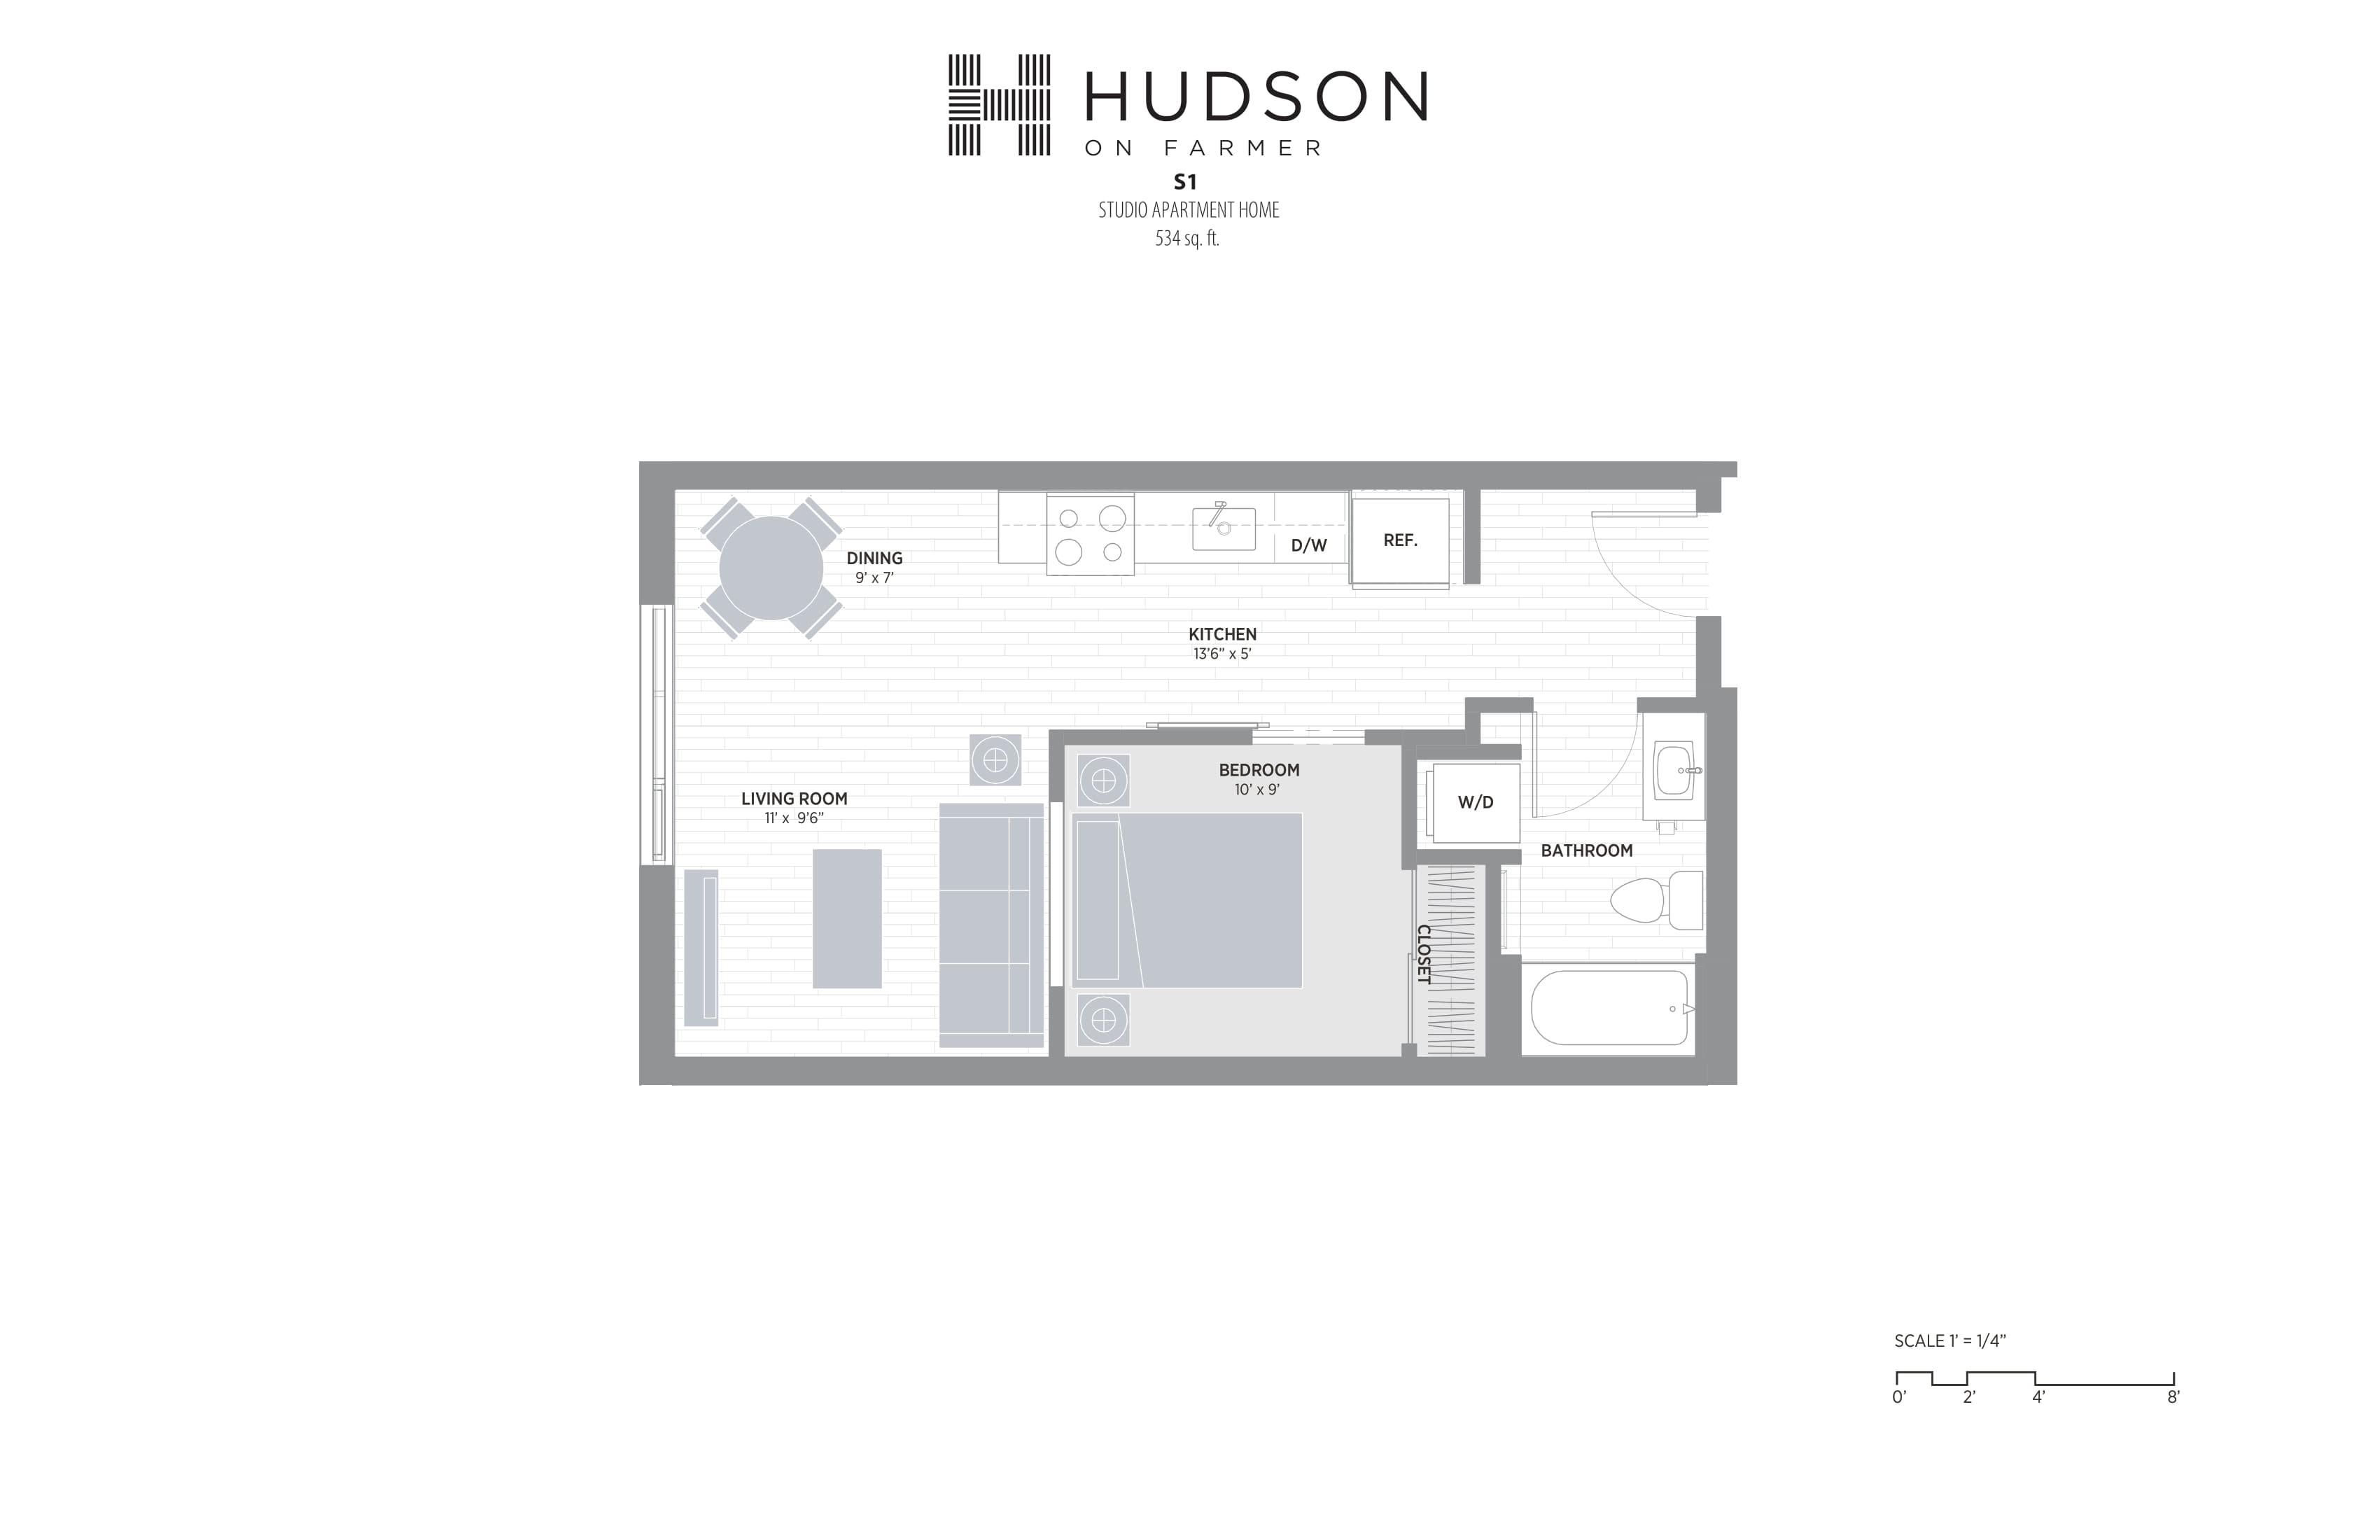 S1 floor plan image